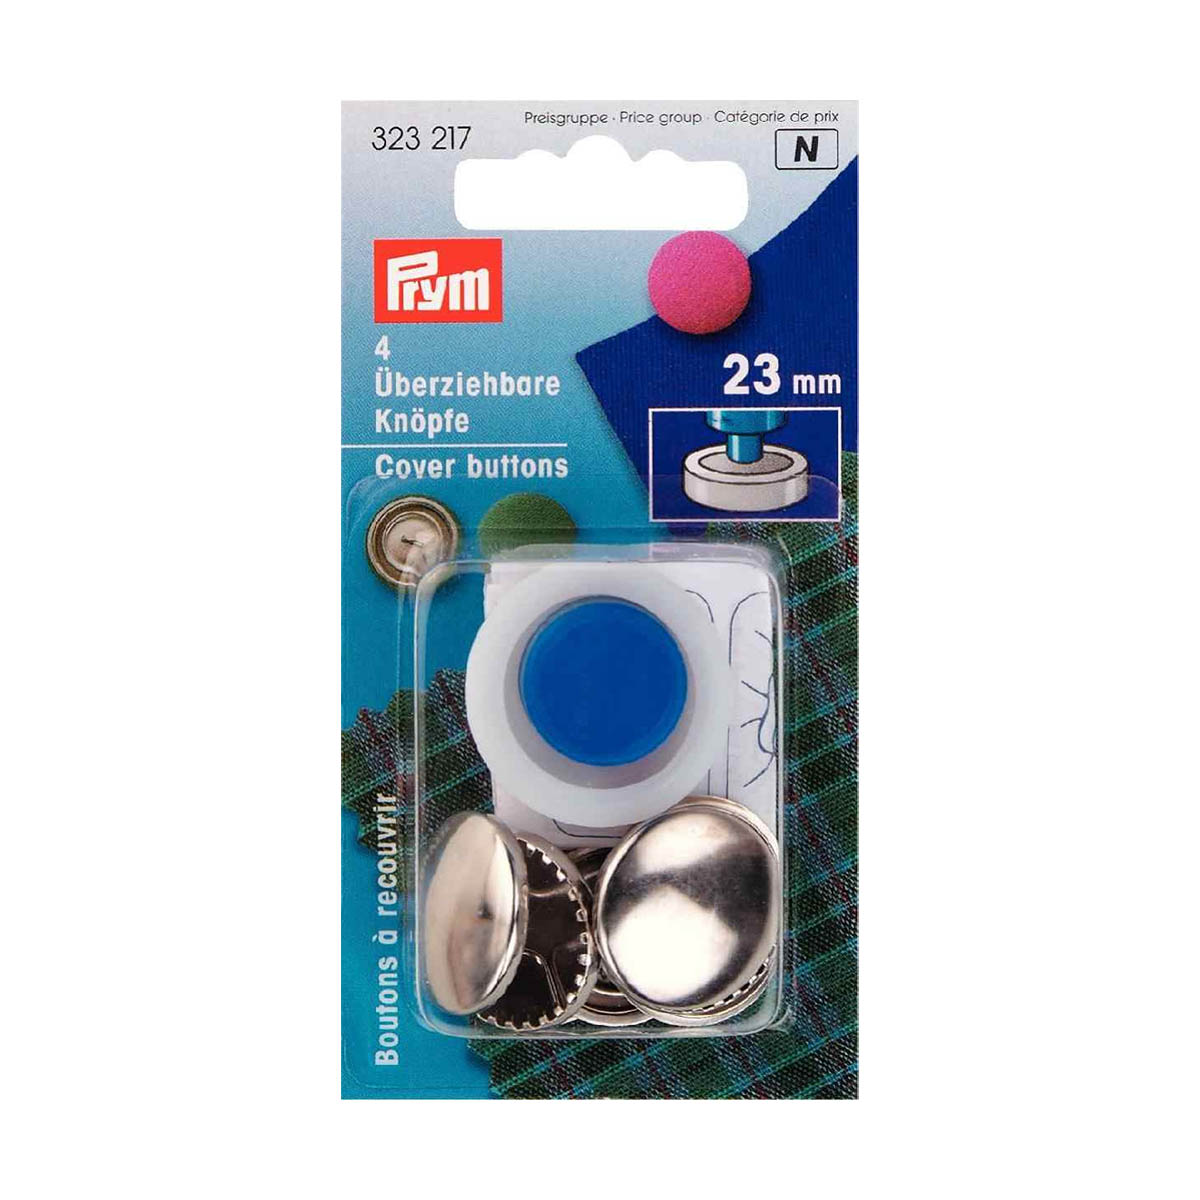 323217 Пуговицы для обтягивания тканью с инстр., 23 мм, упак./4 шт., Prym